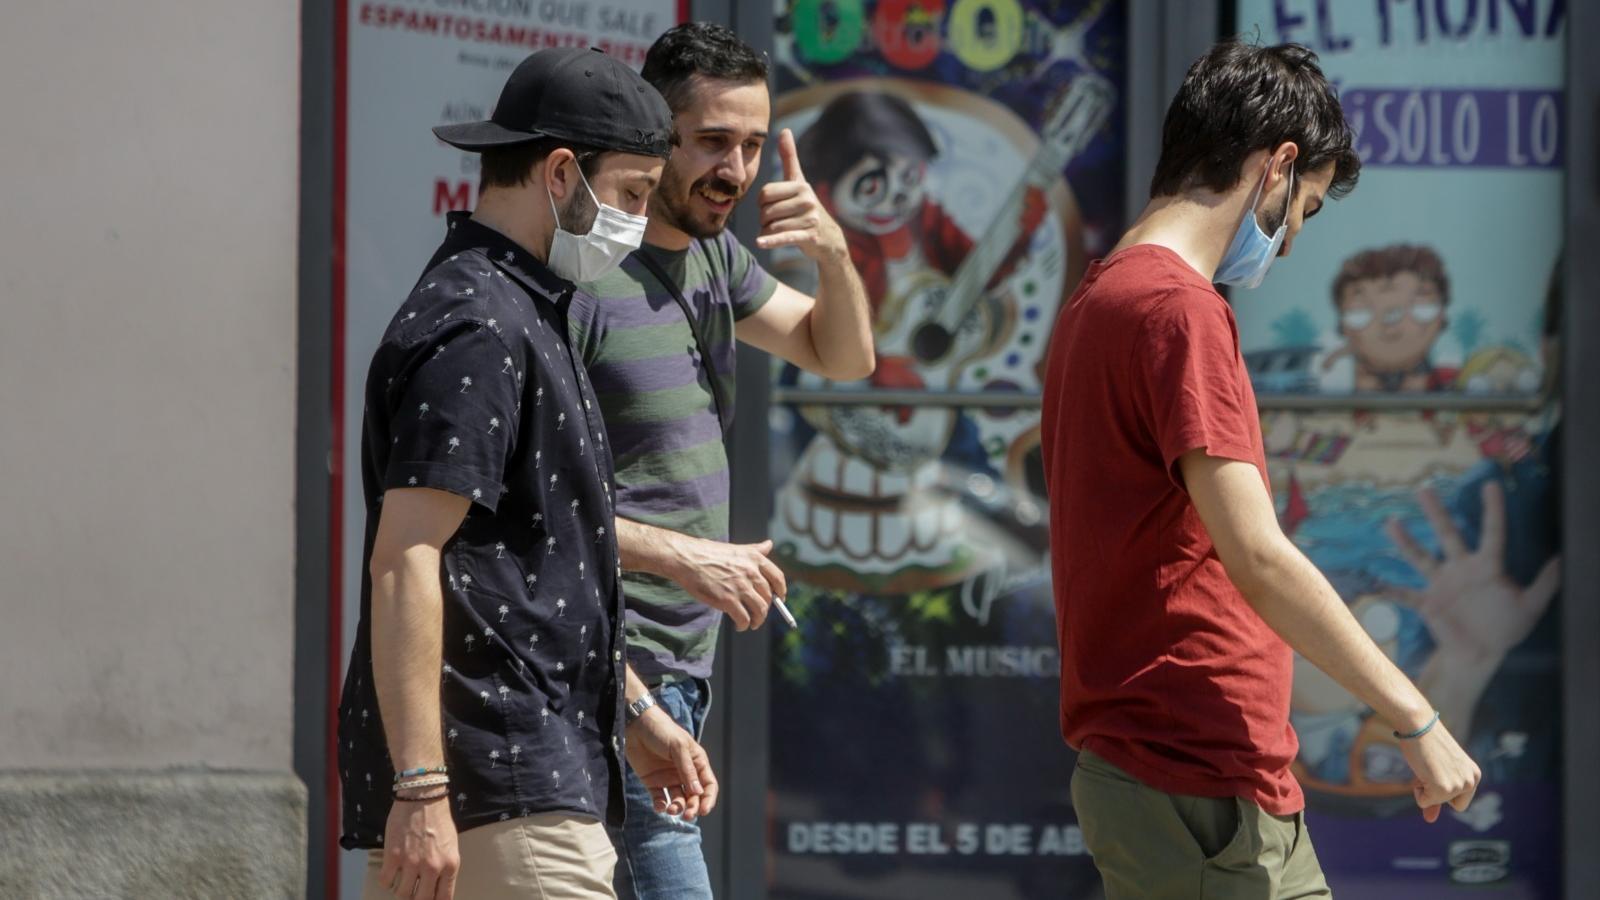 Madrid registra molts menys casos que Catalunya, però més hospitalitzacions